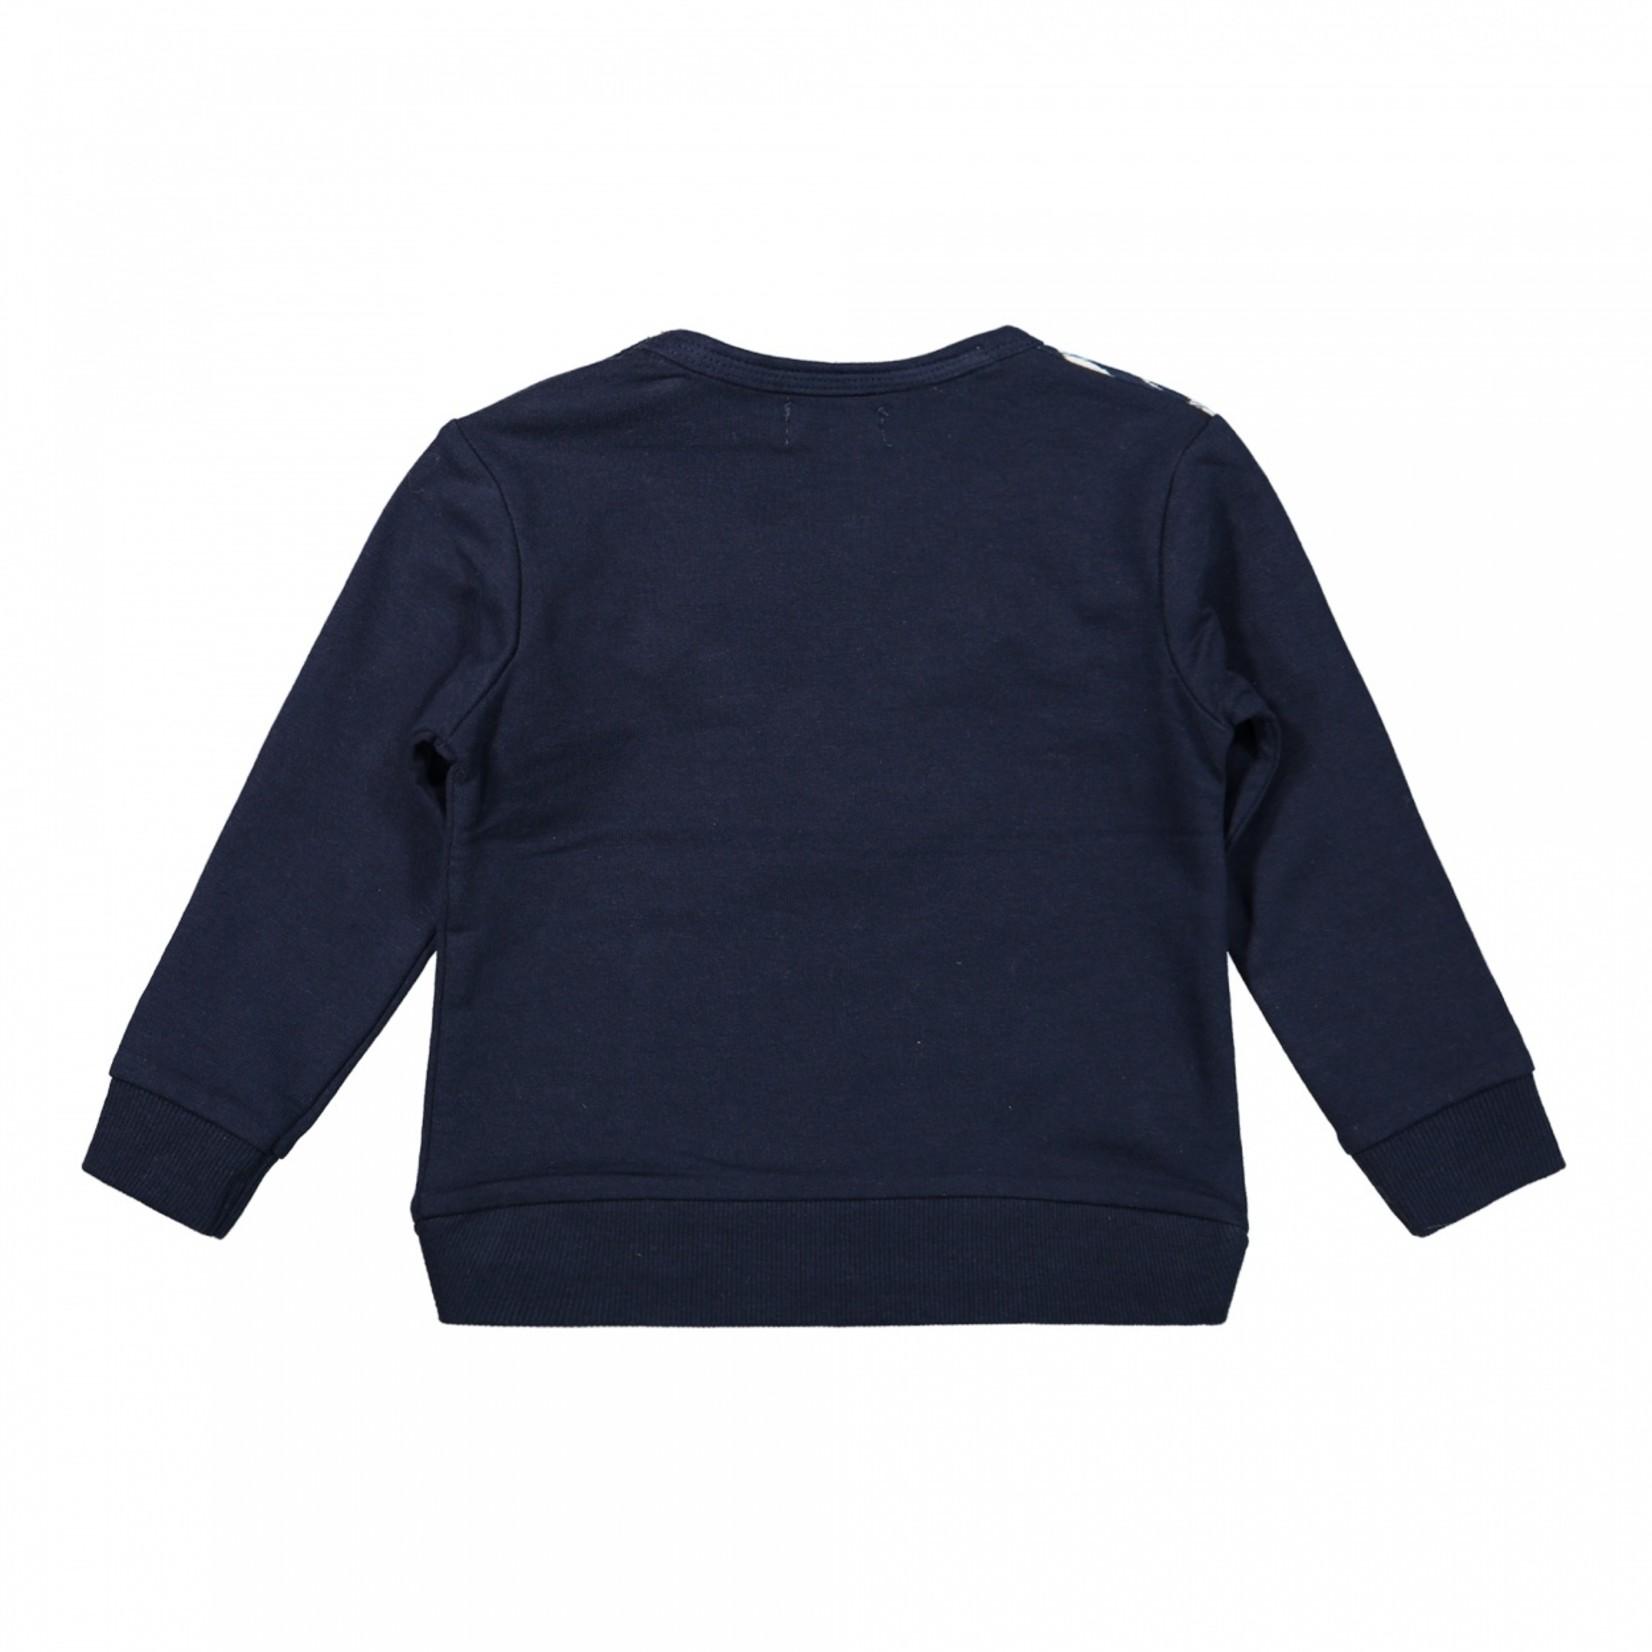 Dirkje Meisjes sweater zebraprint